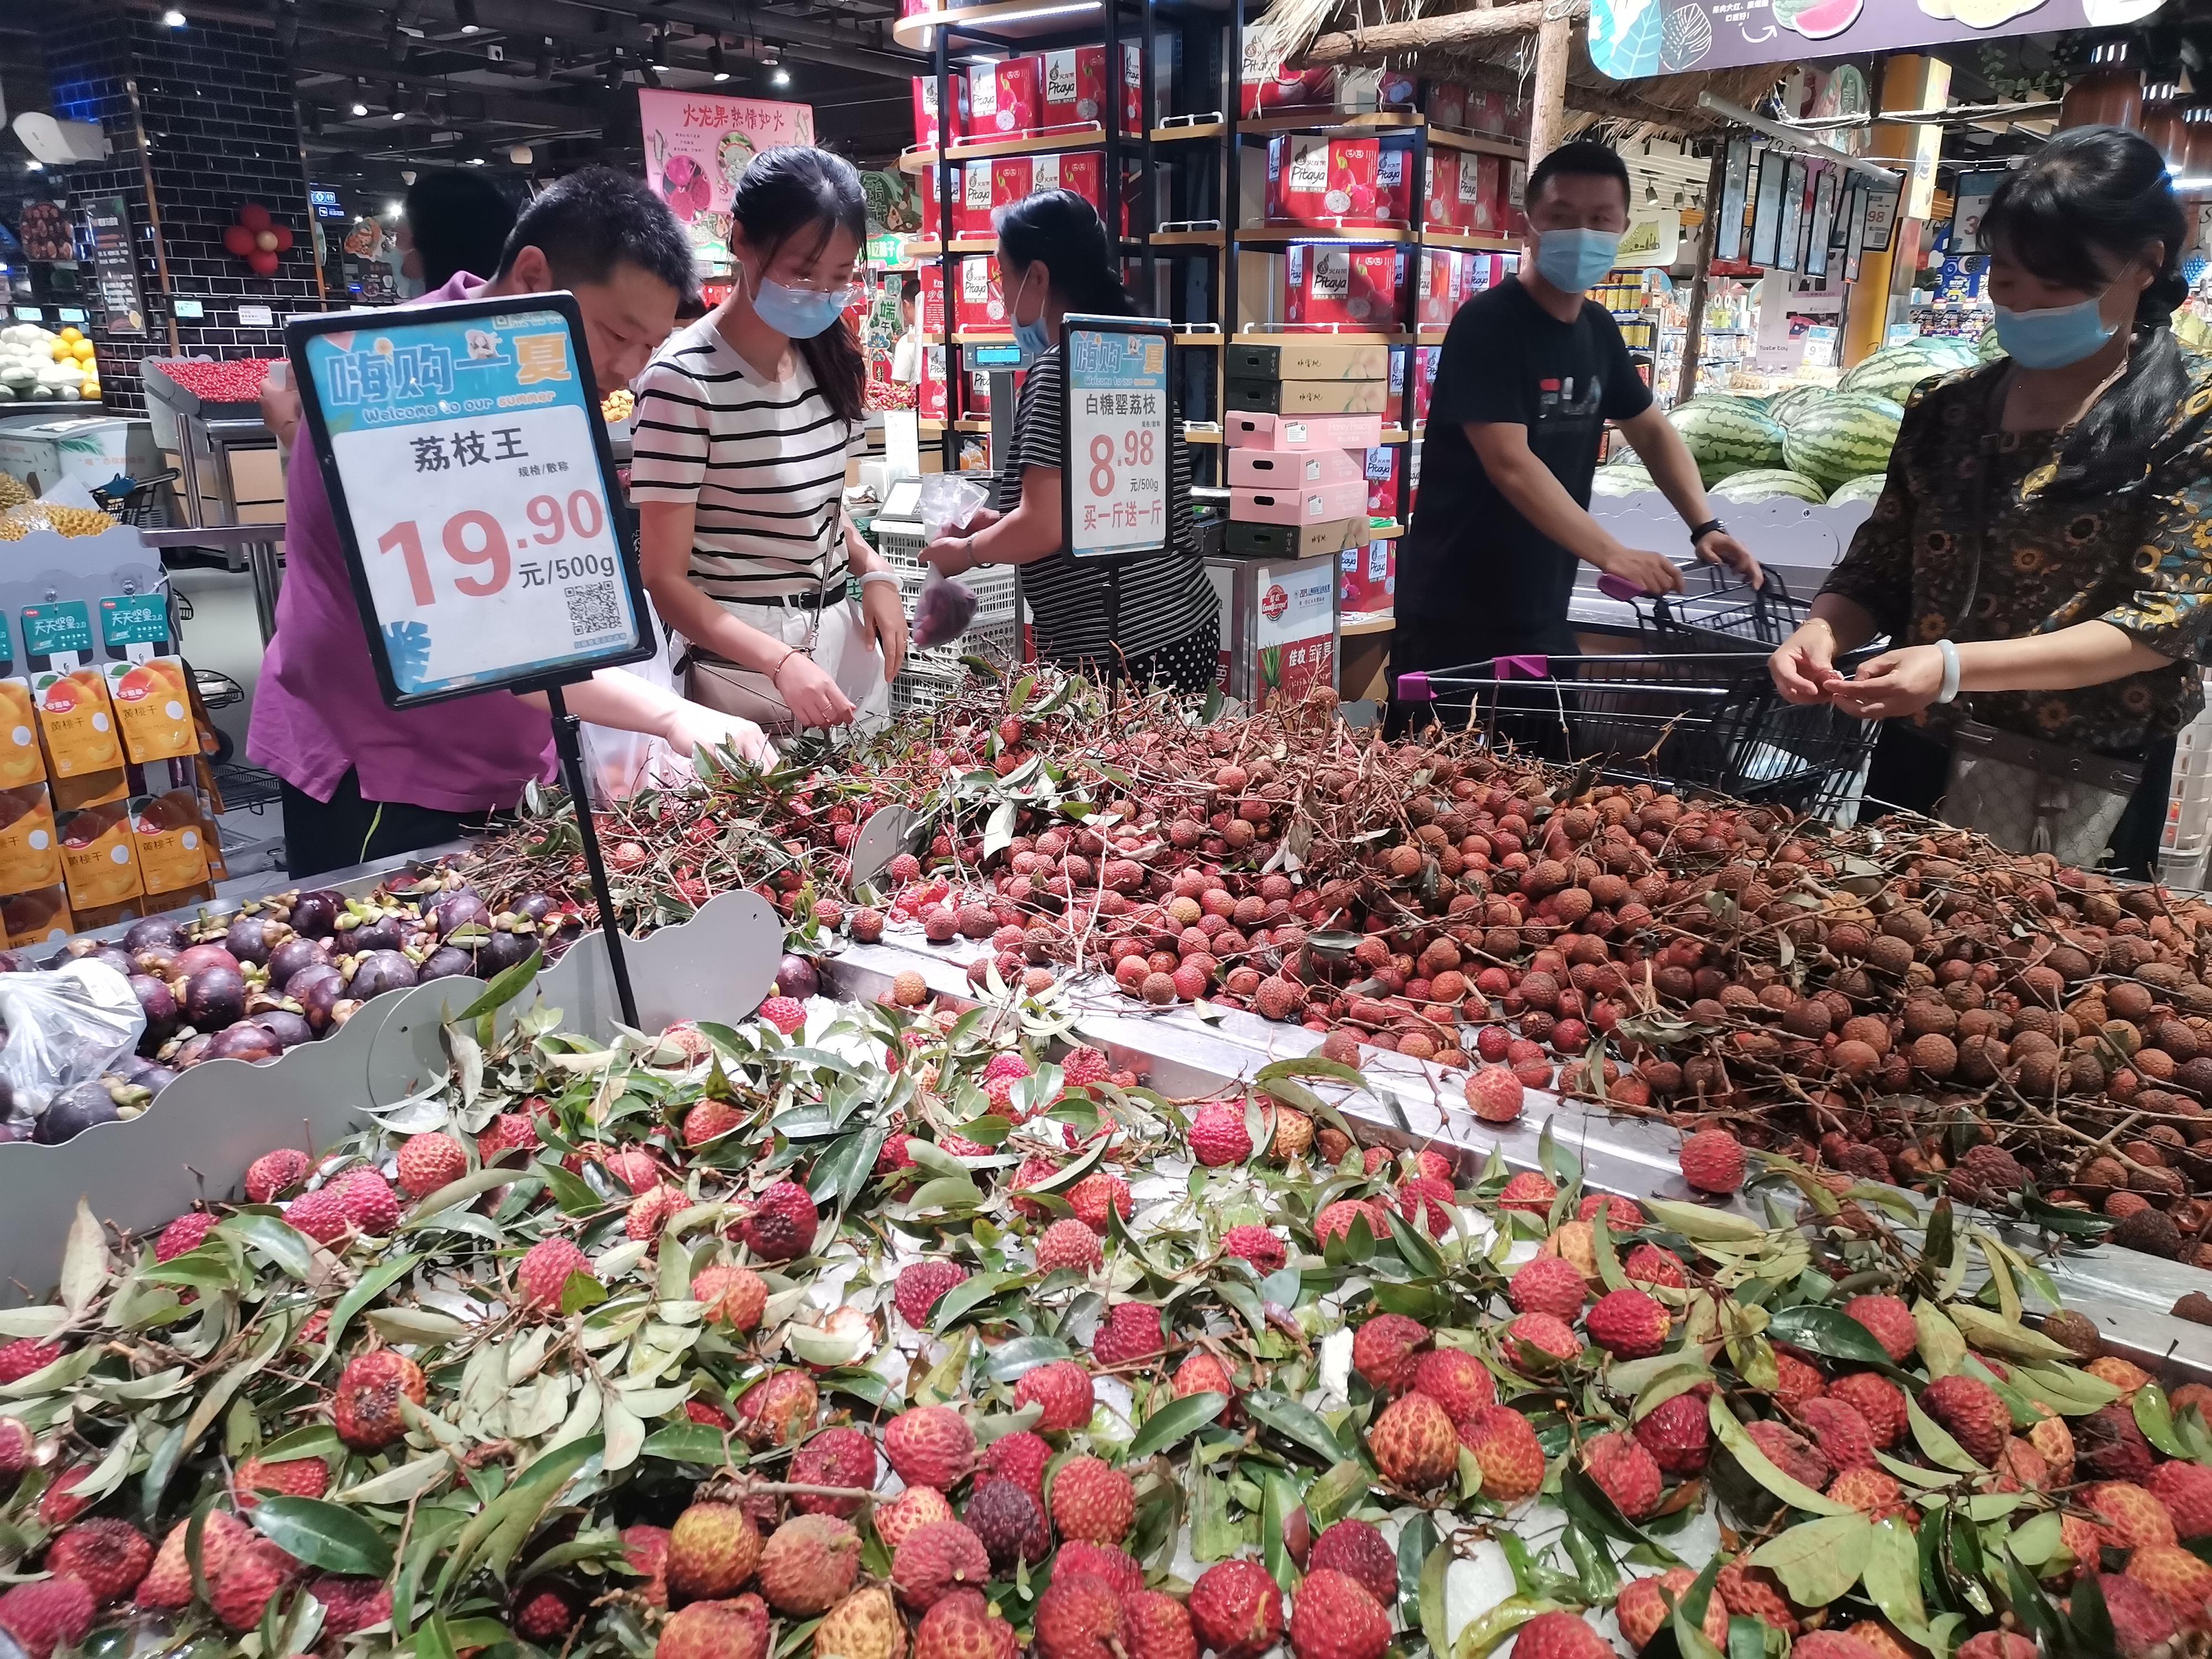 荔枝量大价格低,苹果库存周期接近尾声价格持续下跌